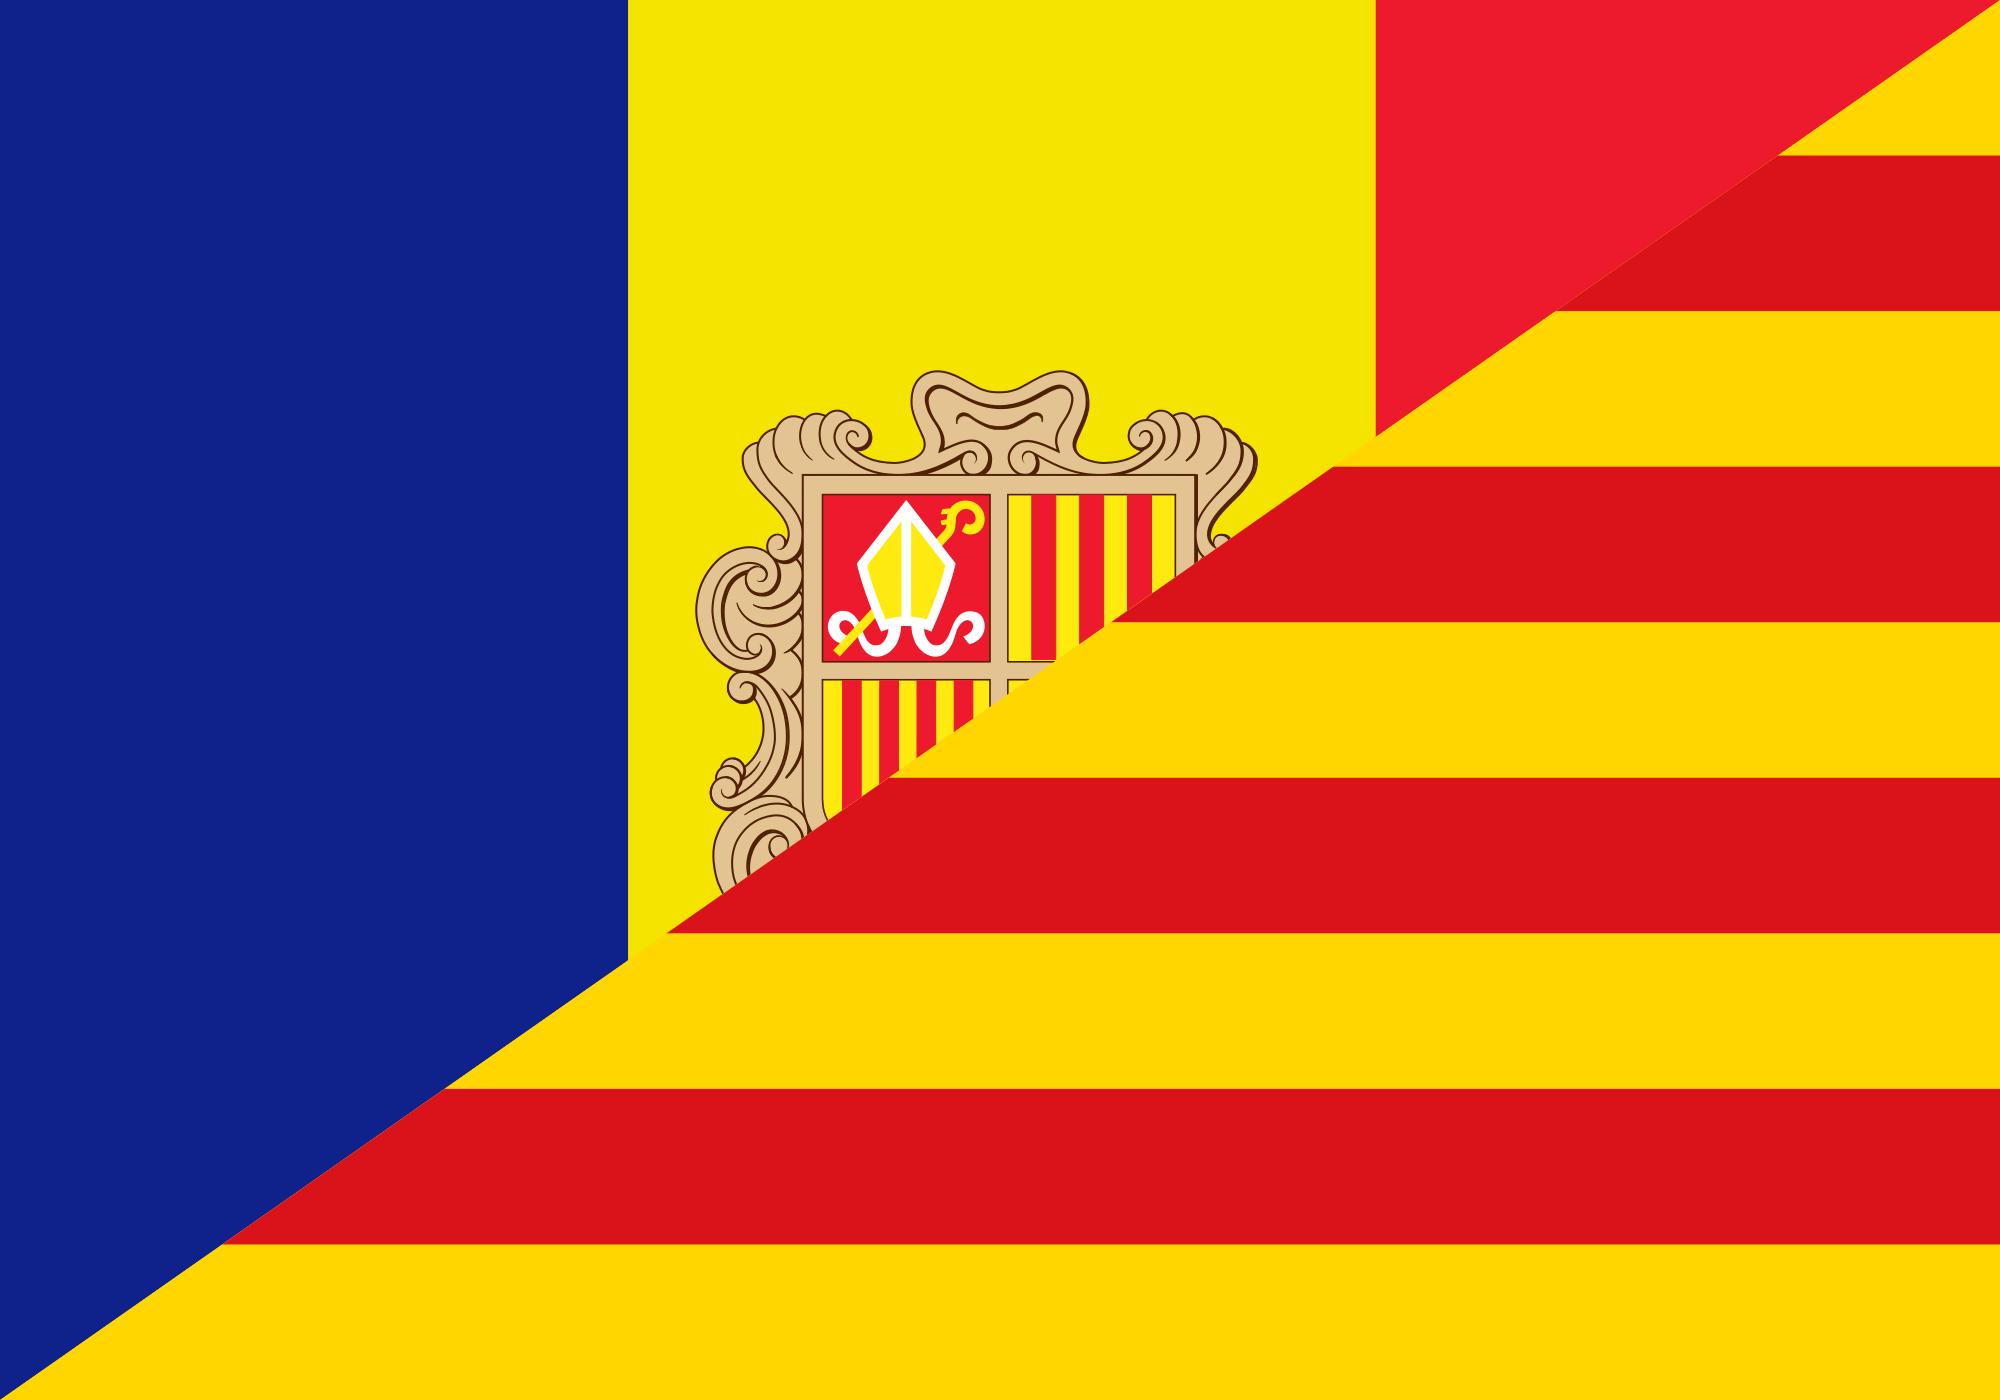 7 dôležitých faktov o katalánskom jazyku